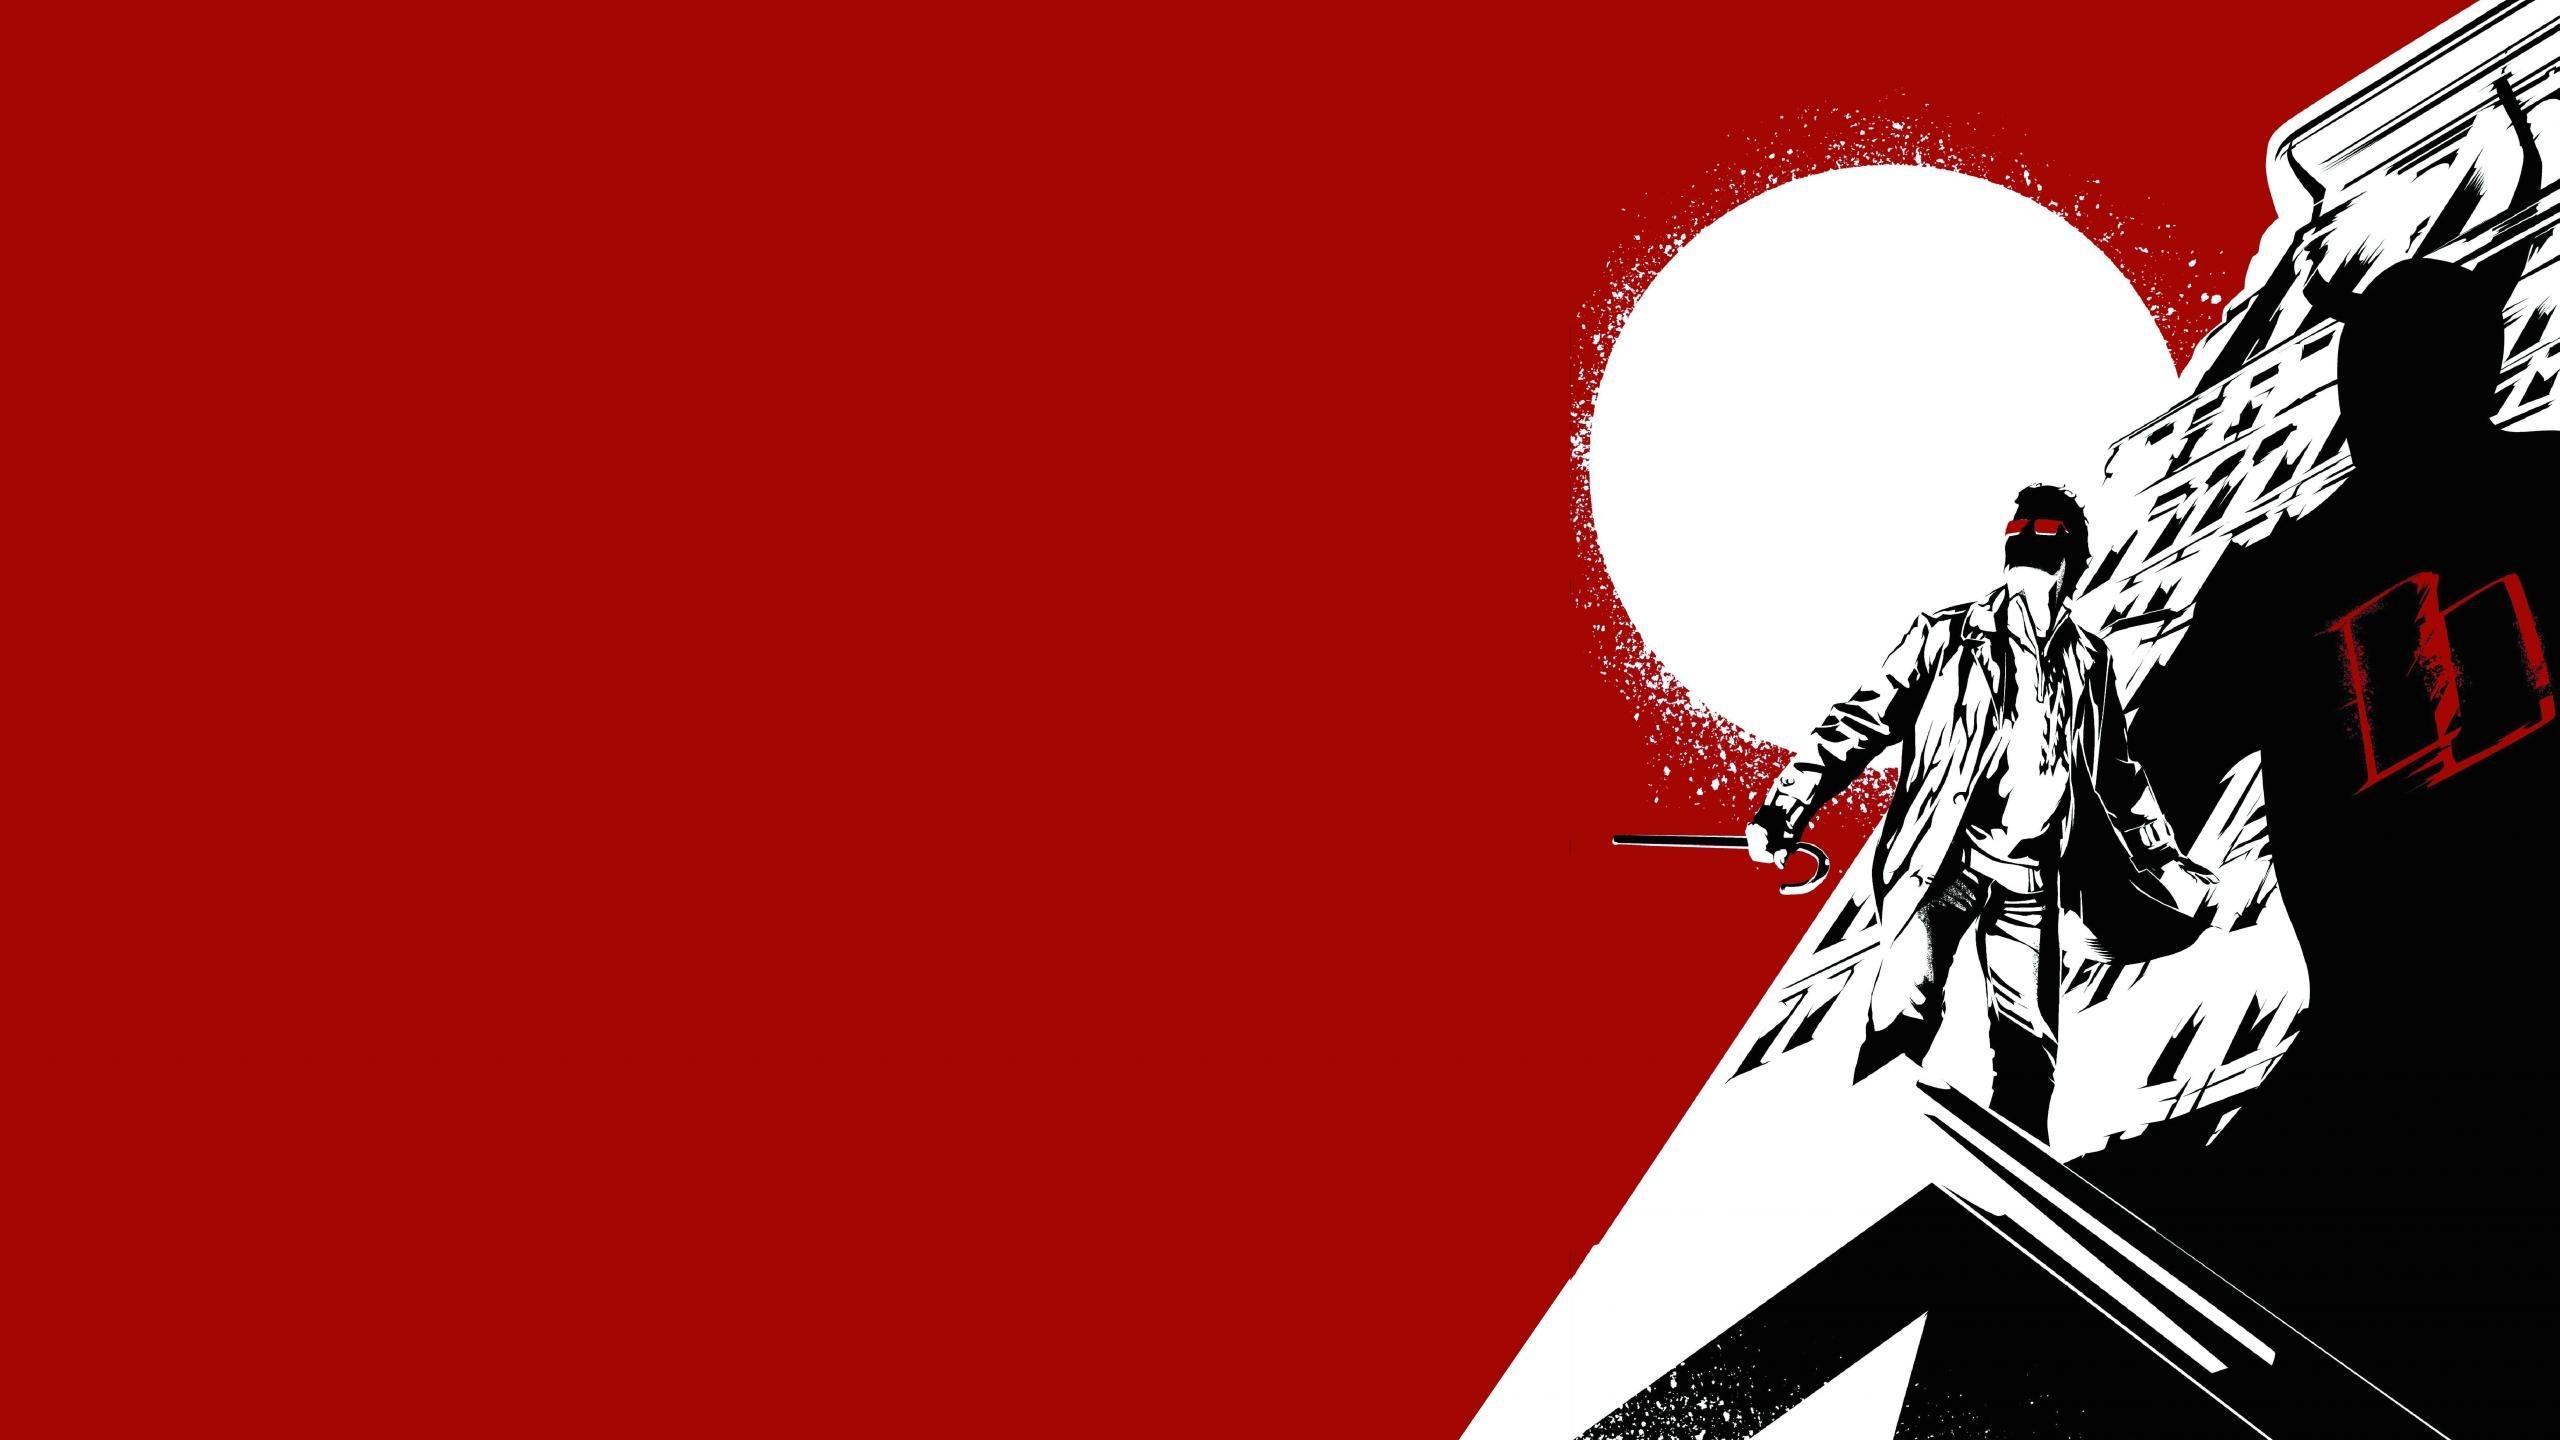 25+ Daredevil Wallpaper Hd Pics